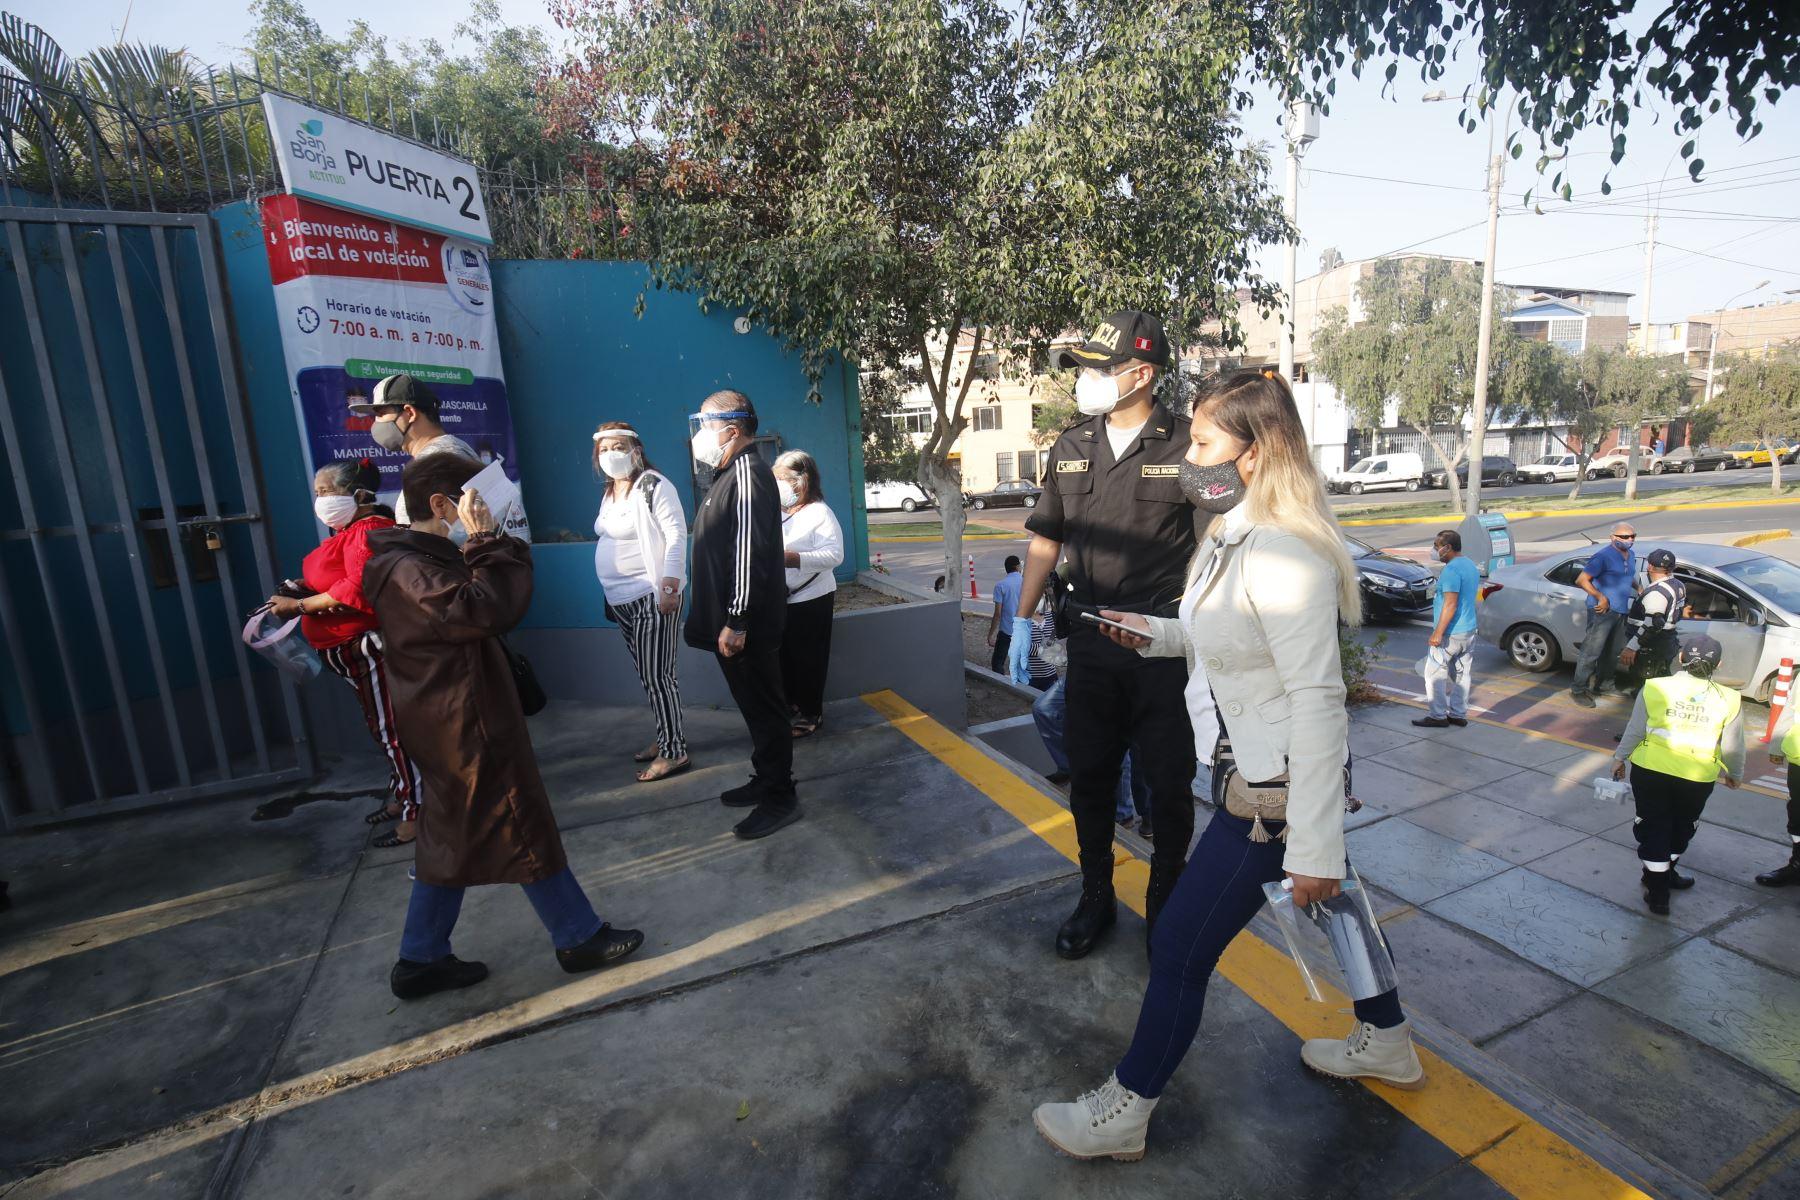 LIMA (PERÚ), 11/04/2021.- Más de 150,000 efectivos policiales y de las Fuerzas Armadas se encuentran desplazados a lo largo del territorio nacional para brindar seguridad en las elecciones generales, celebradas hoy en el país.  Foto: ANDINA/ Juan Carlos Guzmán